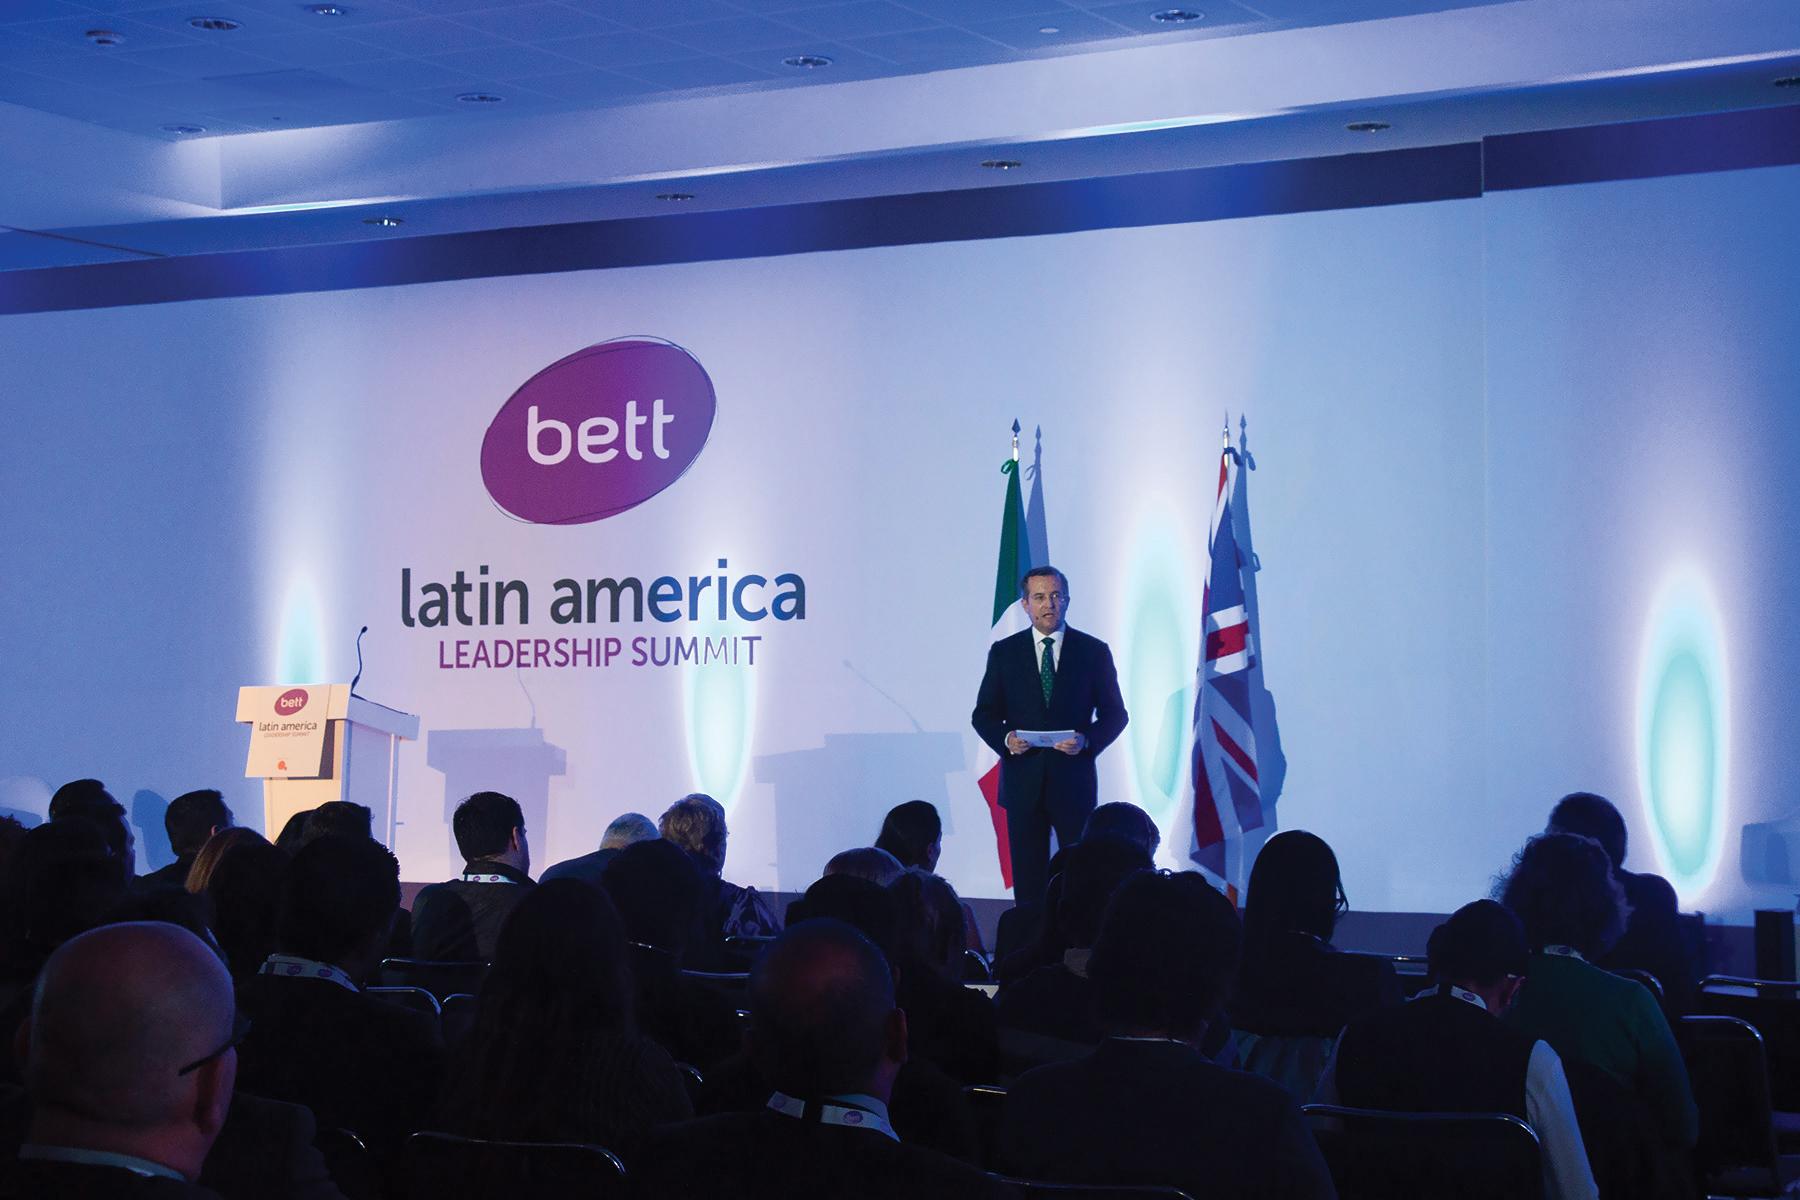 Ponencia de Educaline en la conferencia Bett Latinoamérica 2015. EL maestro como protagonista del cambio